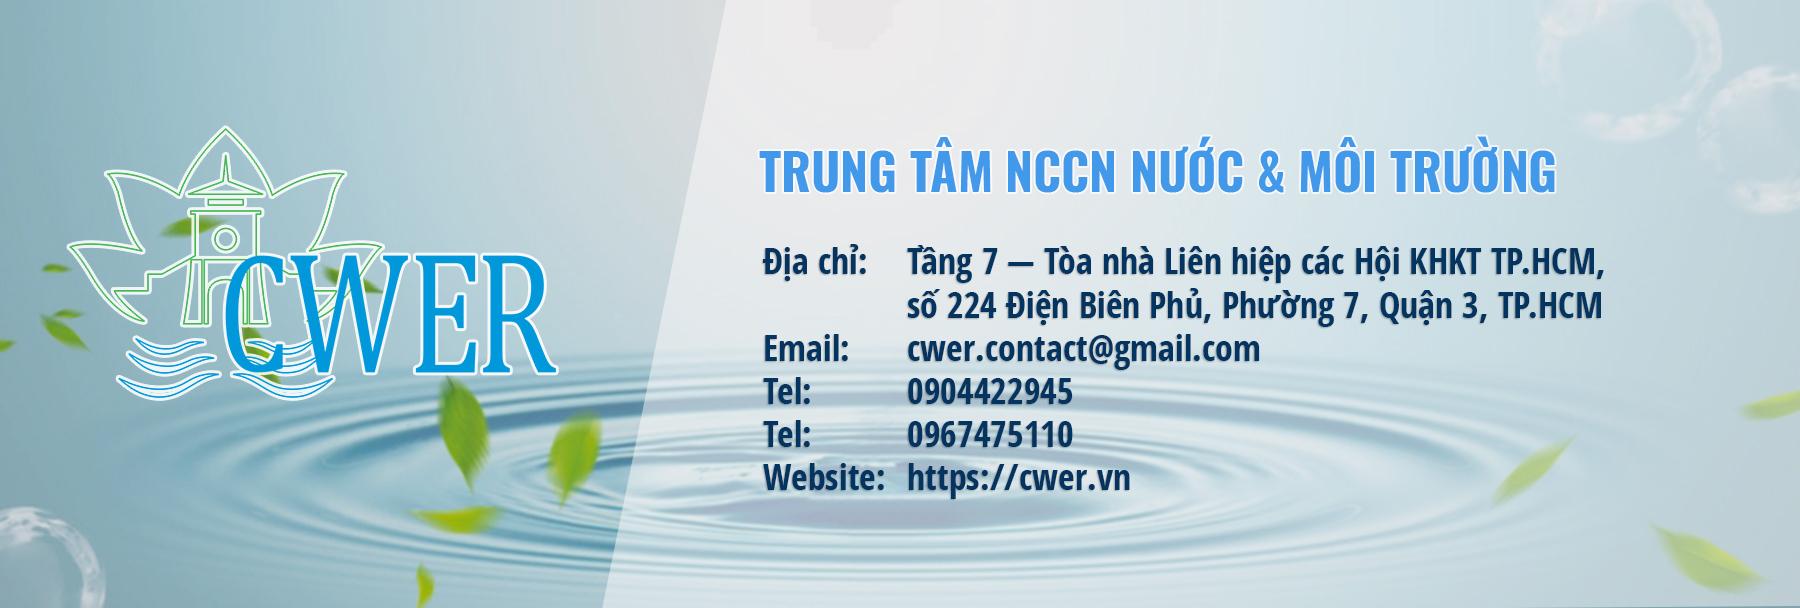 TRUNG TÂM NCCN NƯỚC & MÔI TRƯỜNG